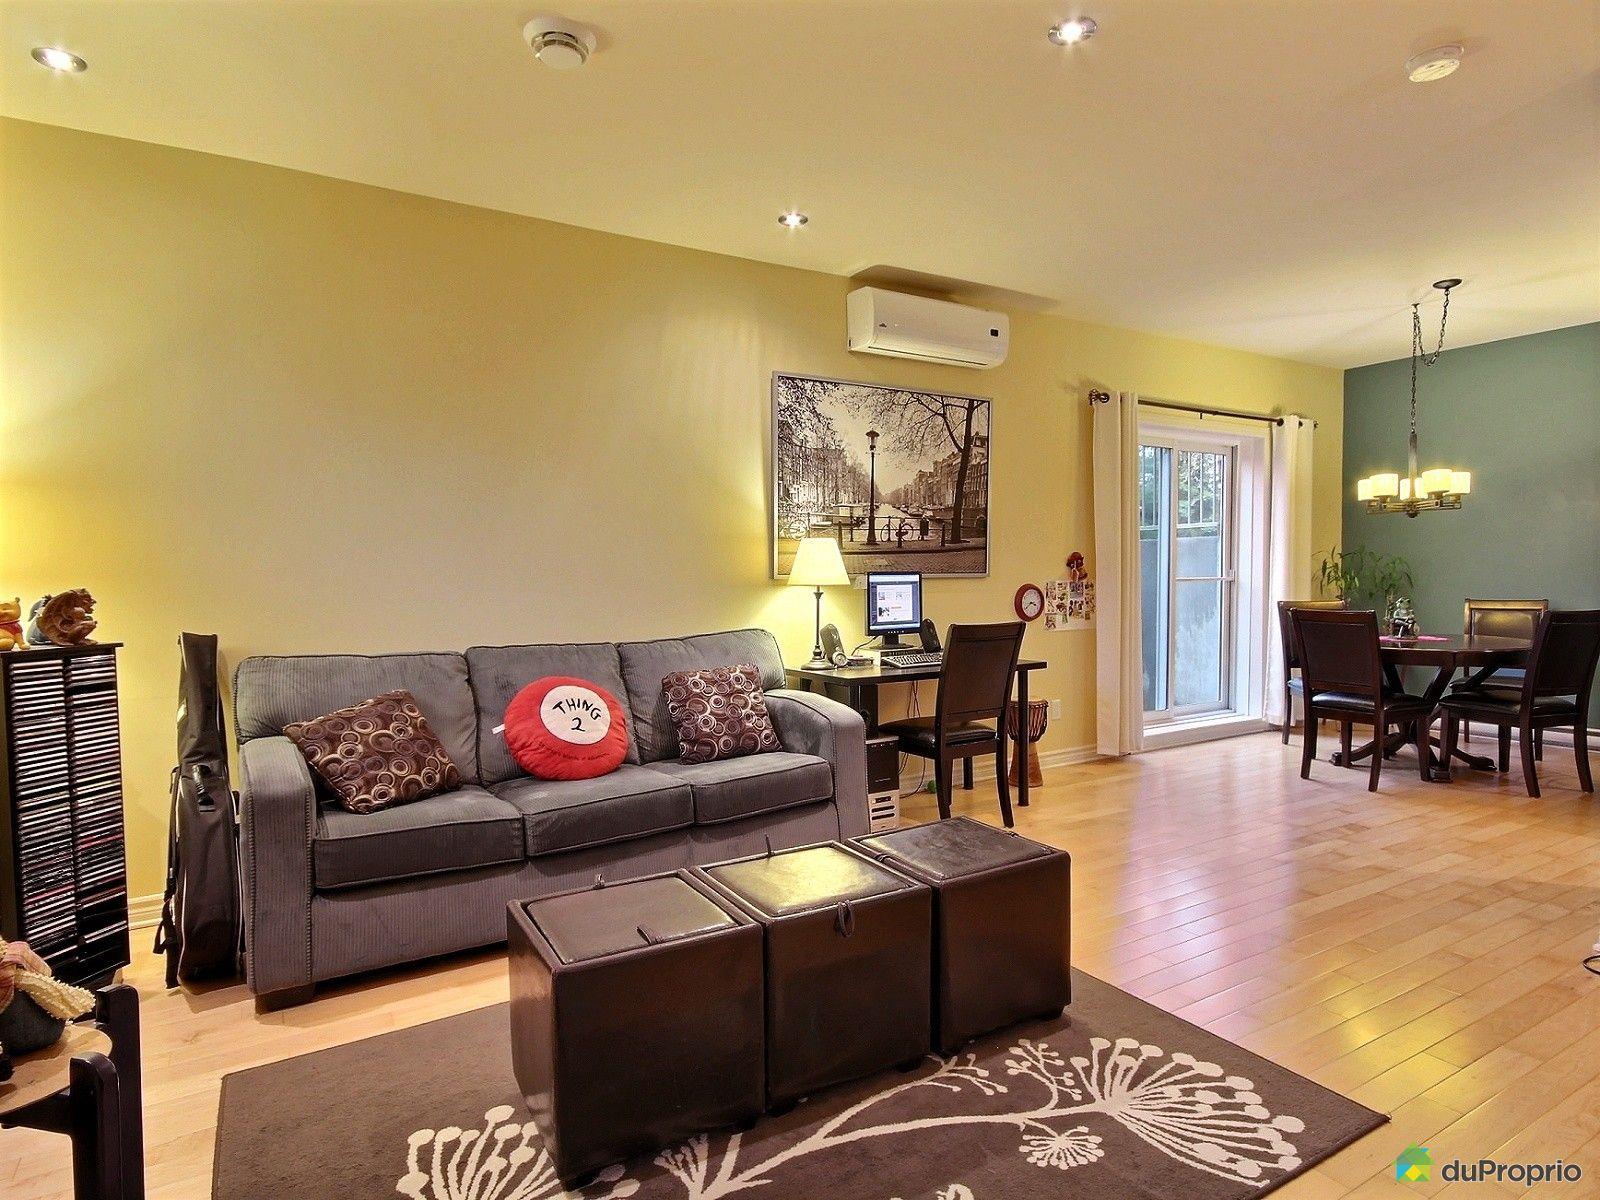 #A78824 Condo Vendu St Hubert Immobilier Québec DuProprio 457628 3891 salle a manger pas cher montreal 1600x1200 px @ aertt.com